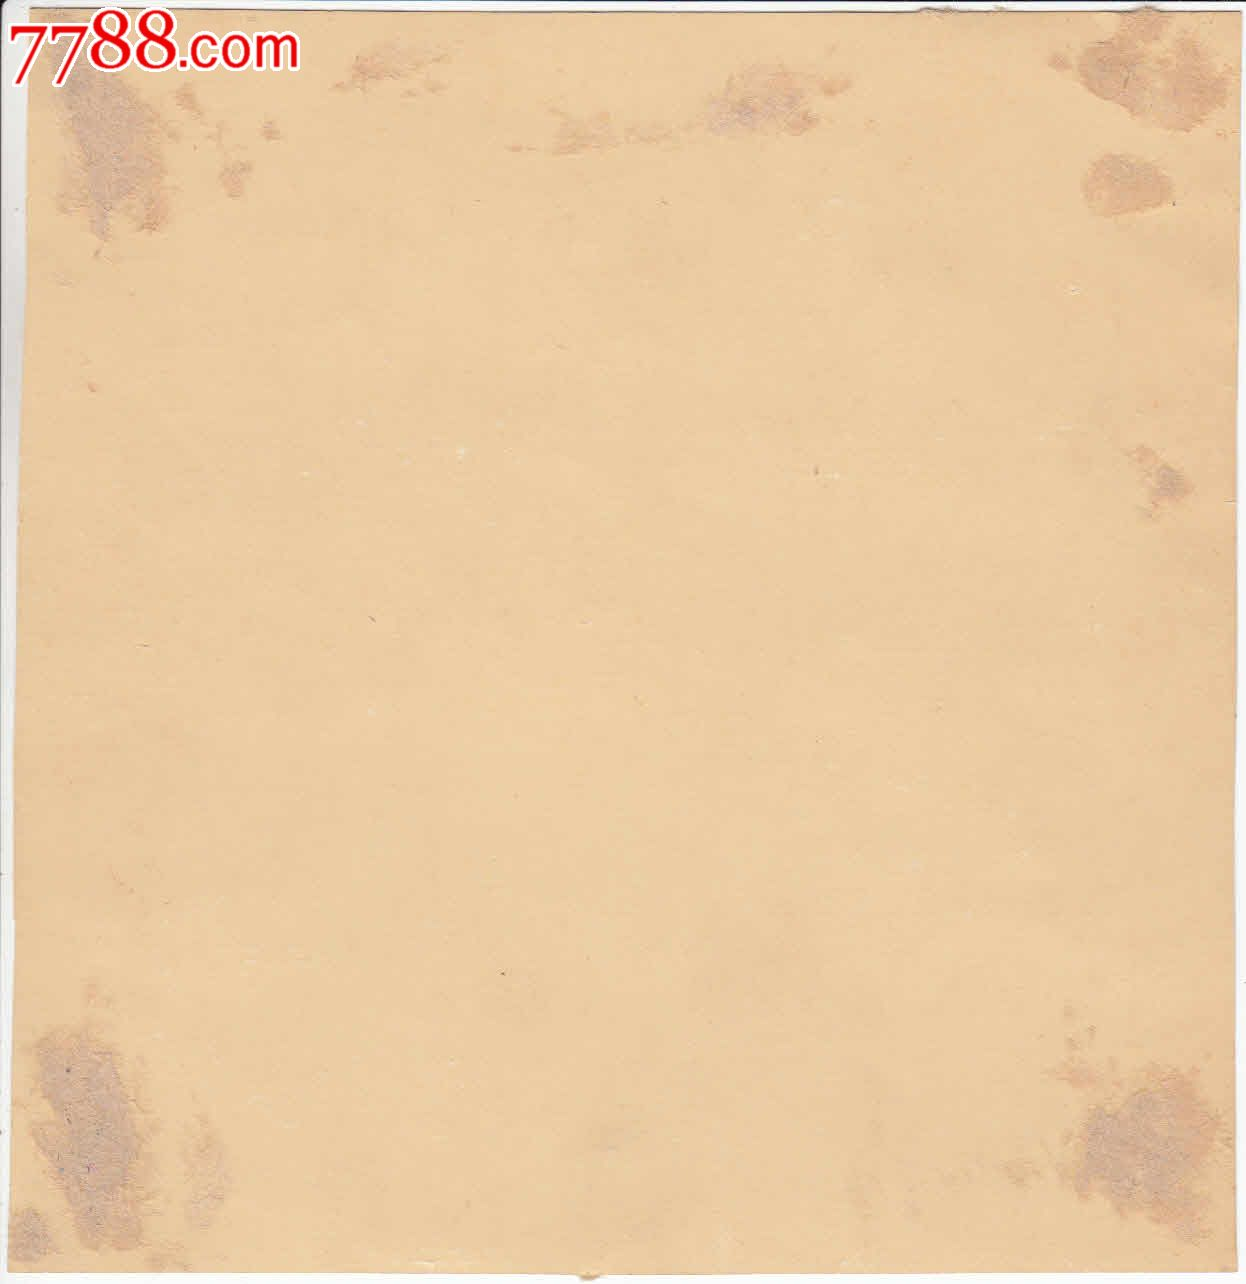 背景 壁纸 设计 矢量 矢量图 素材 1246_1284